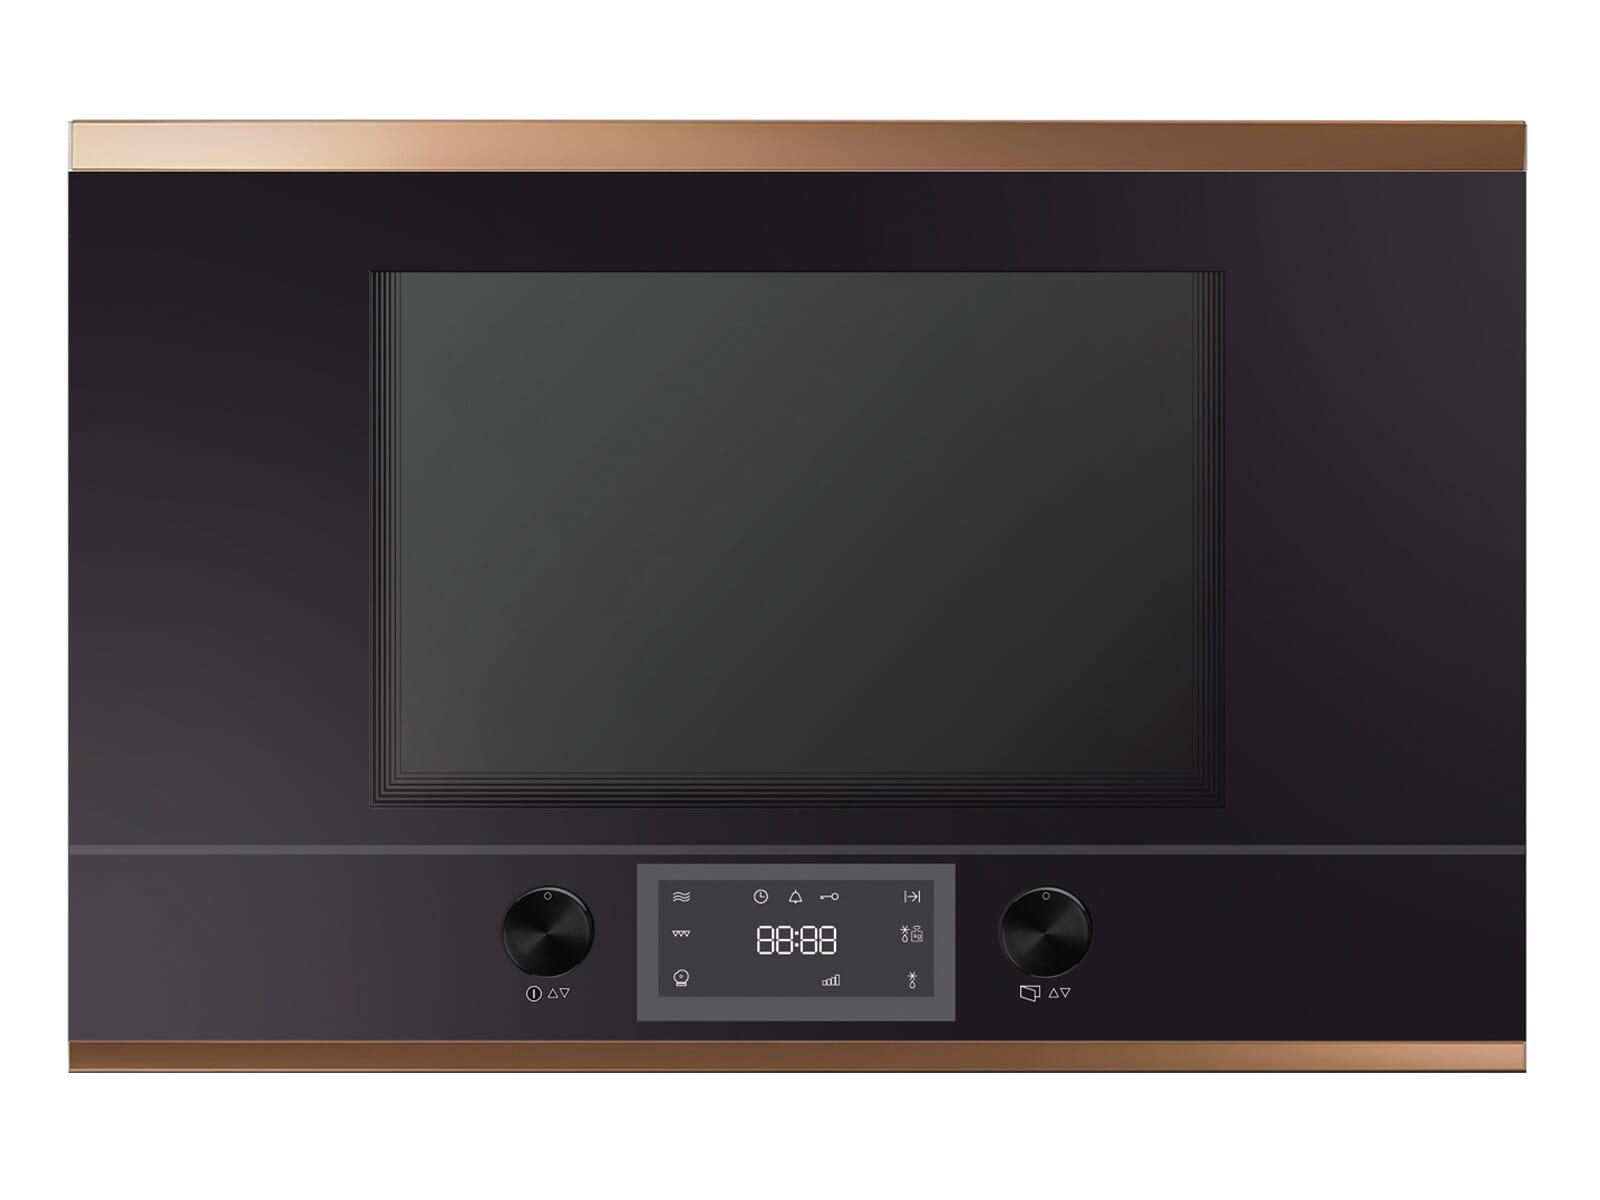 Küppersbusch MR 6330.0 S7 K-Series. 3 Einbau-Mikrowelle Schwarz/Copper